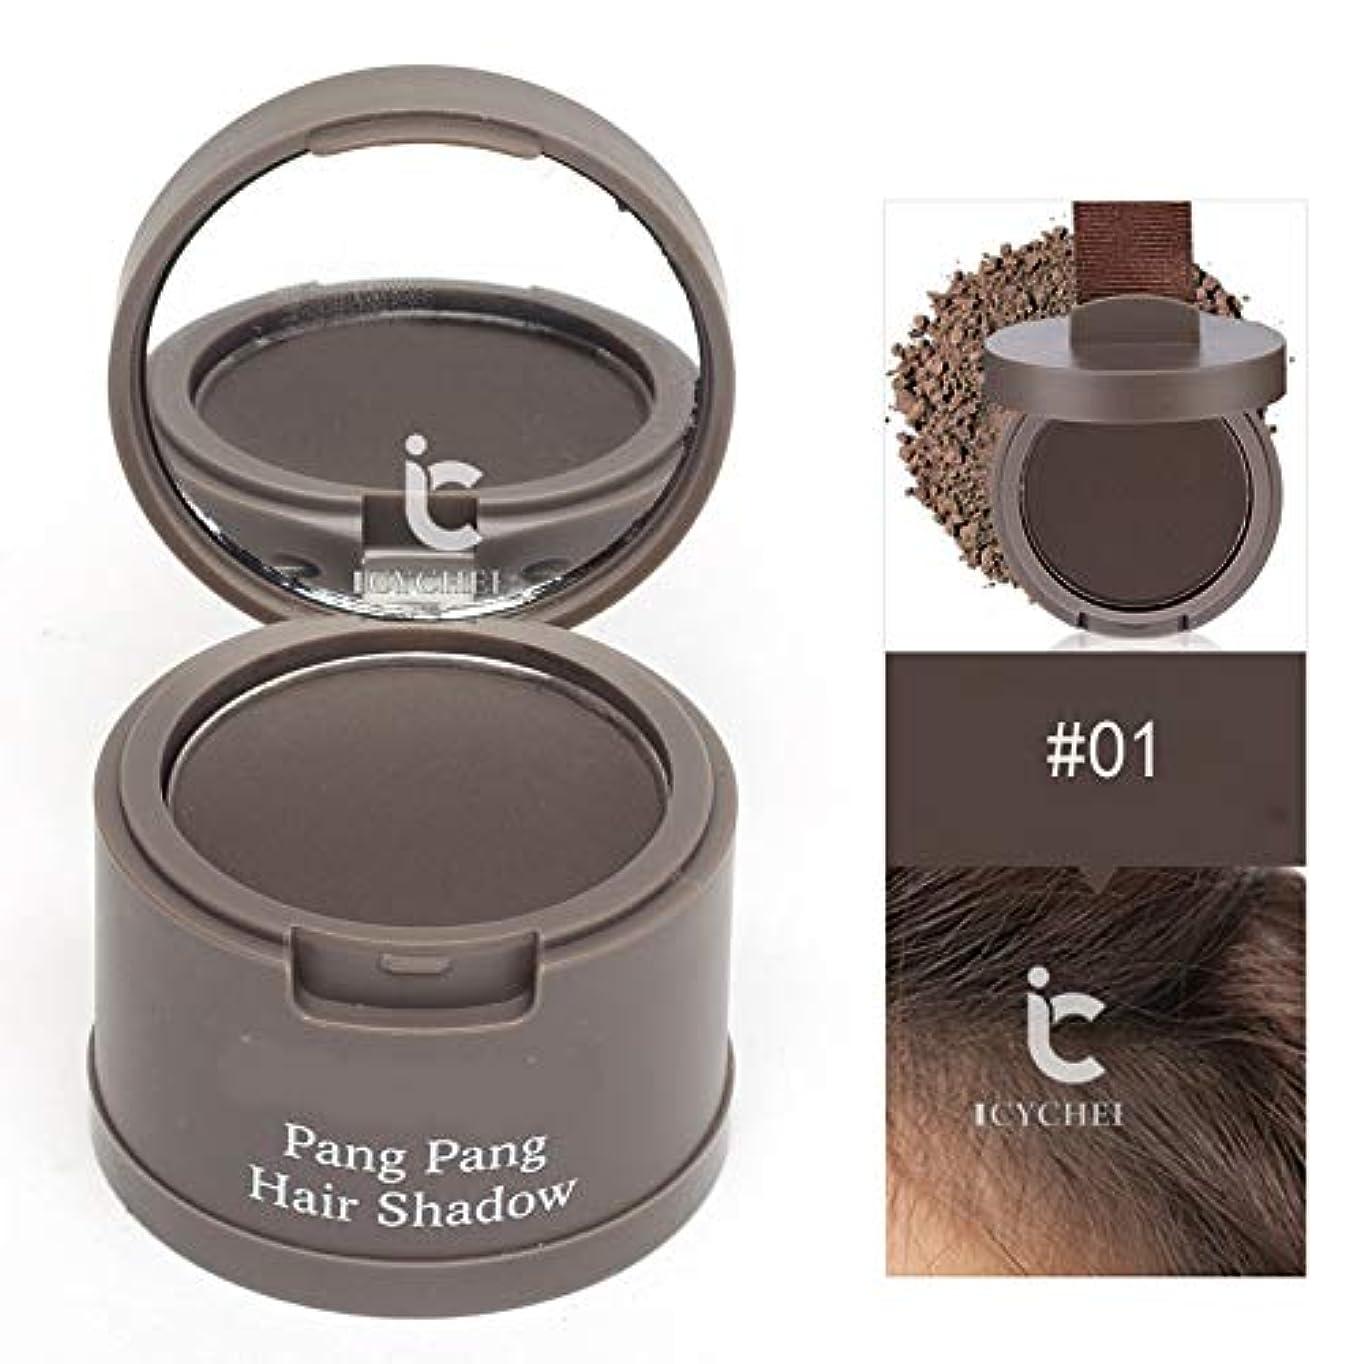 過言蜂クリア髪のためのヘアラインシャドウパウダー髪のシェーダレタッチルーツと髪パーフェクトカバレッジをラスティングICYCHEER防水ロング (01)